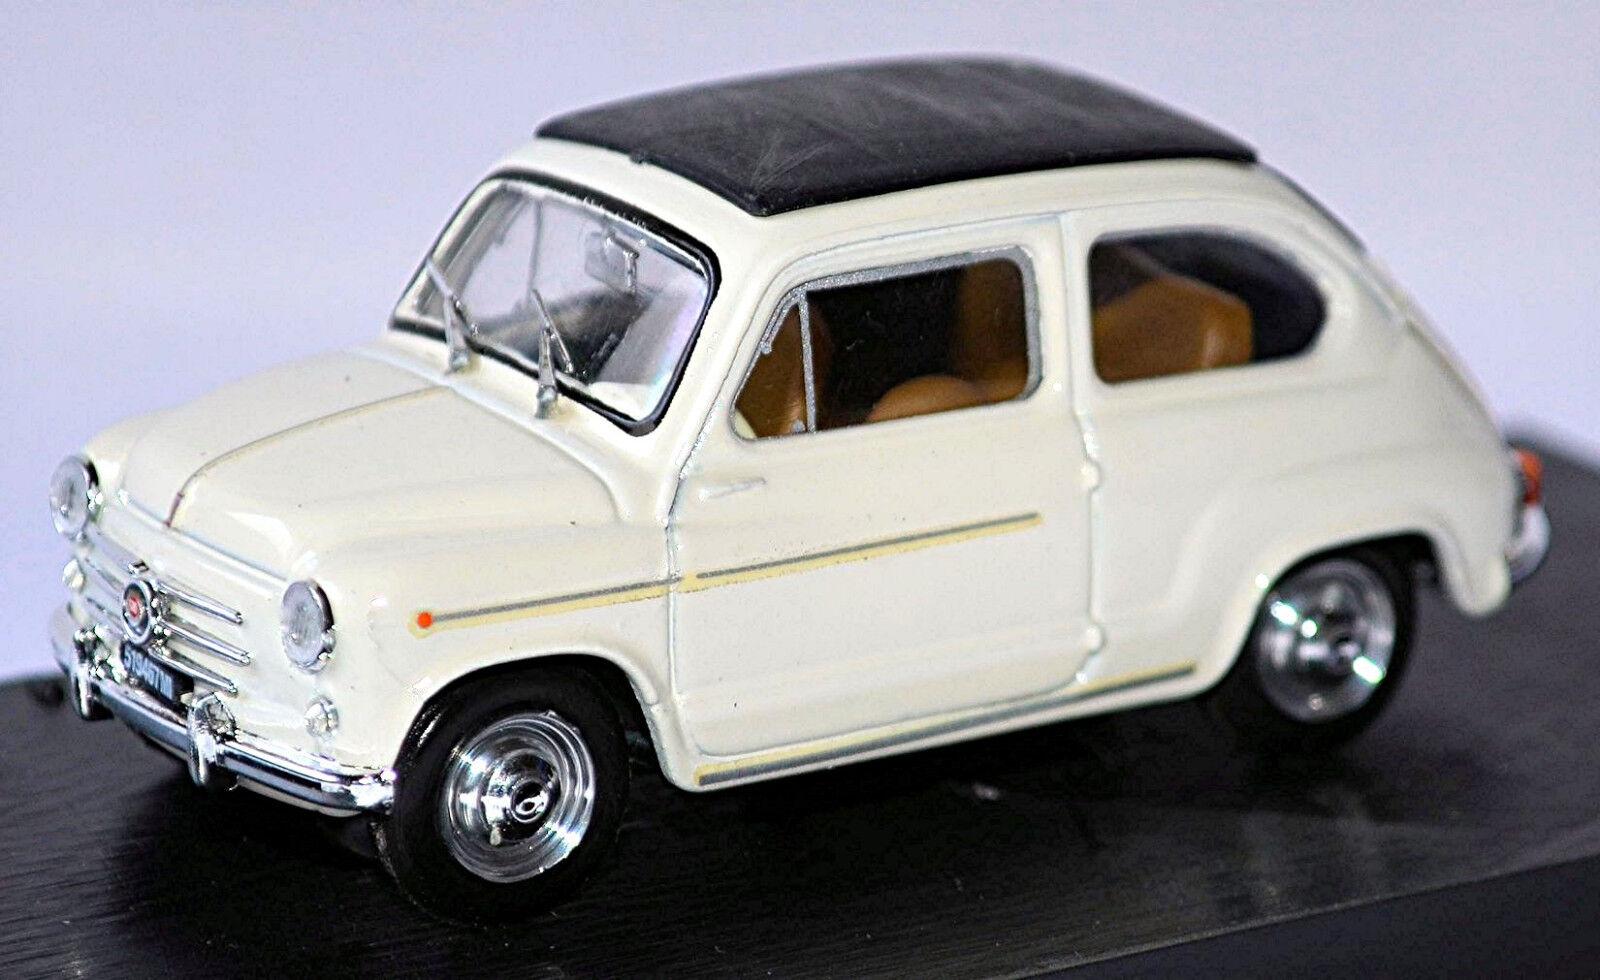 primera vez respuesta Fiat 600 600 600 D Berlina Canopy Abierto 1960 Bianco 207 blancoo blancoo 1 43 Brumm  precios al por mayor